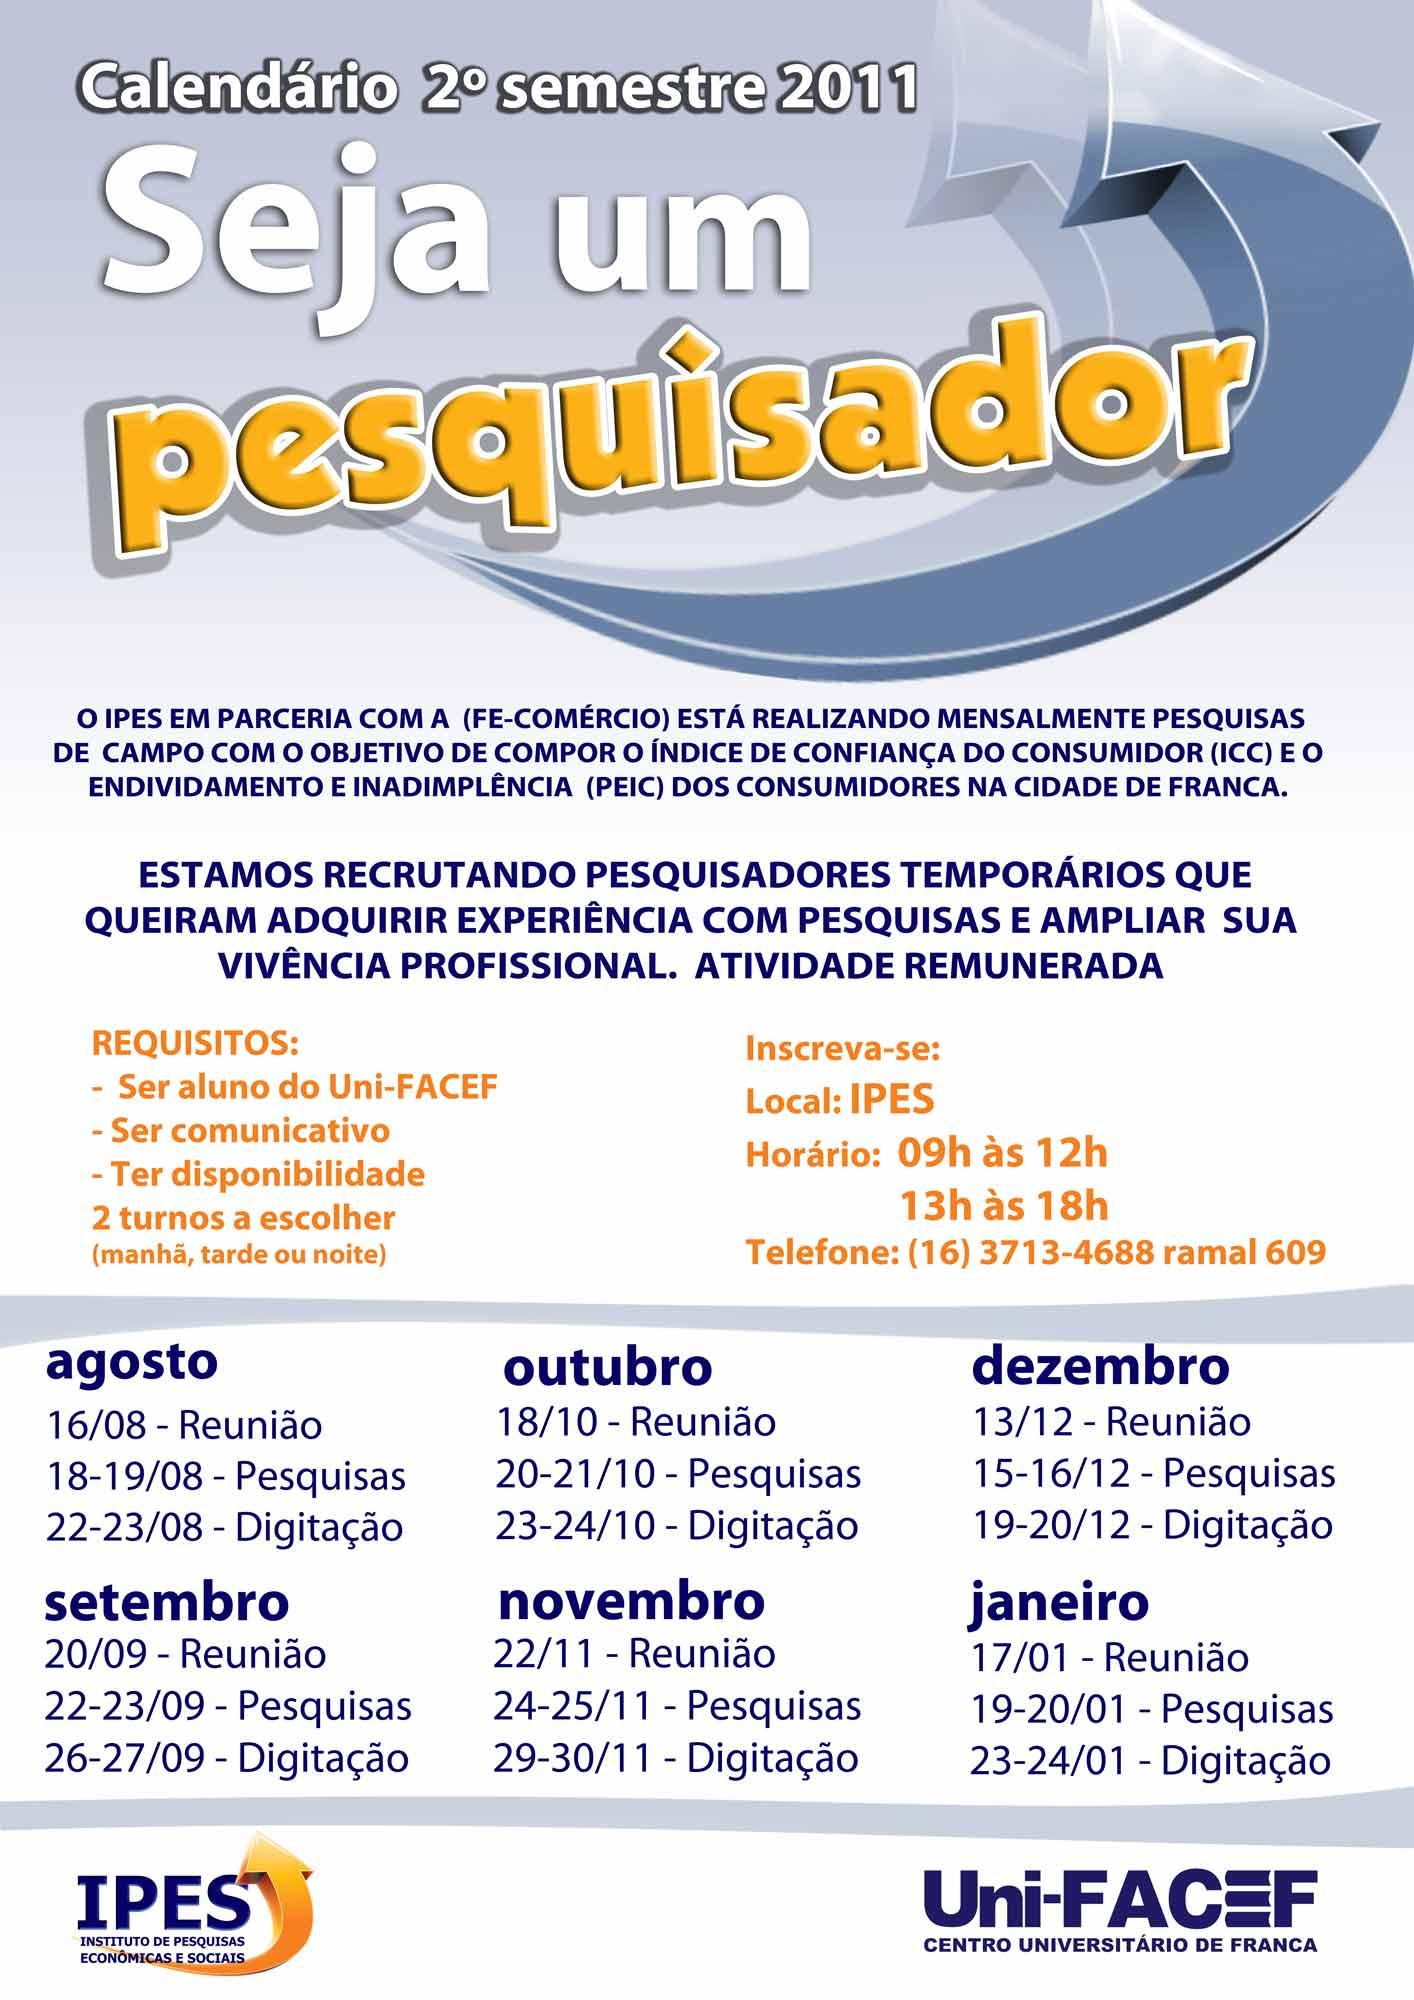 Seja um pesquisador – Calendário 2º semestre 2011